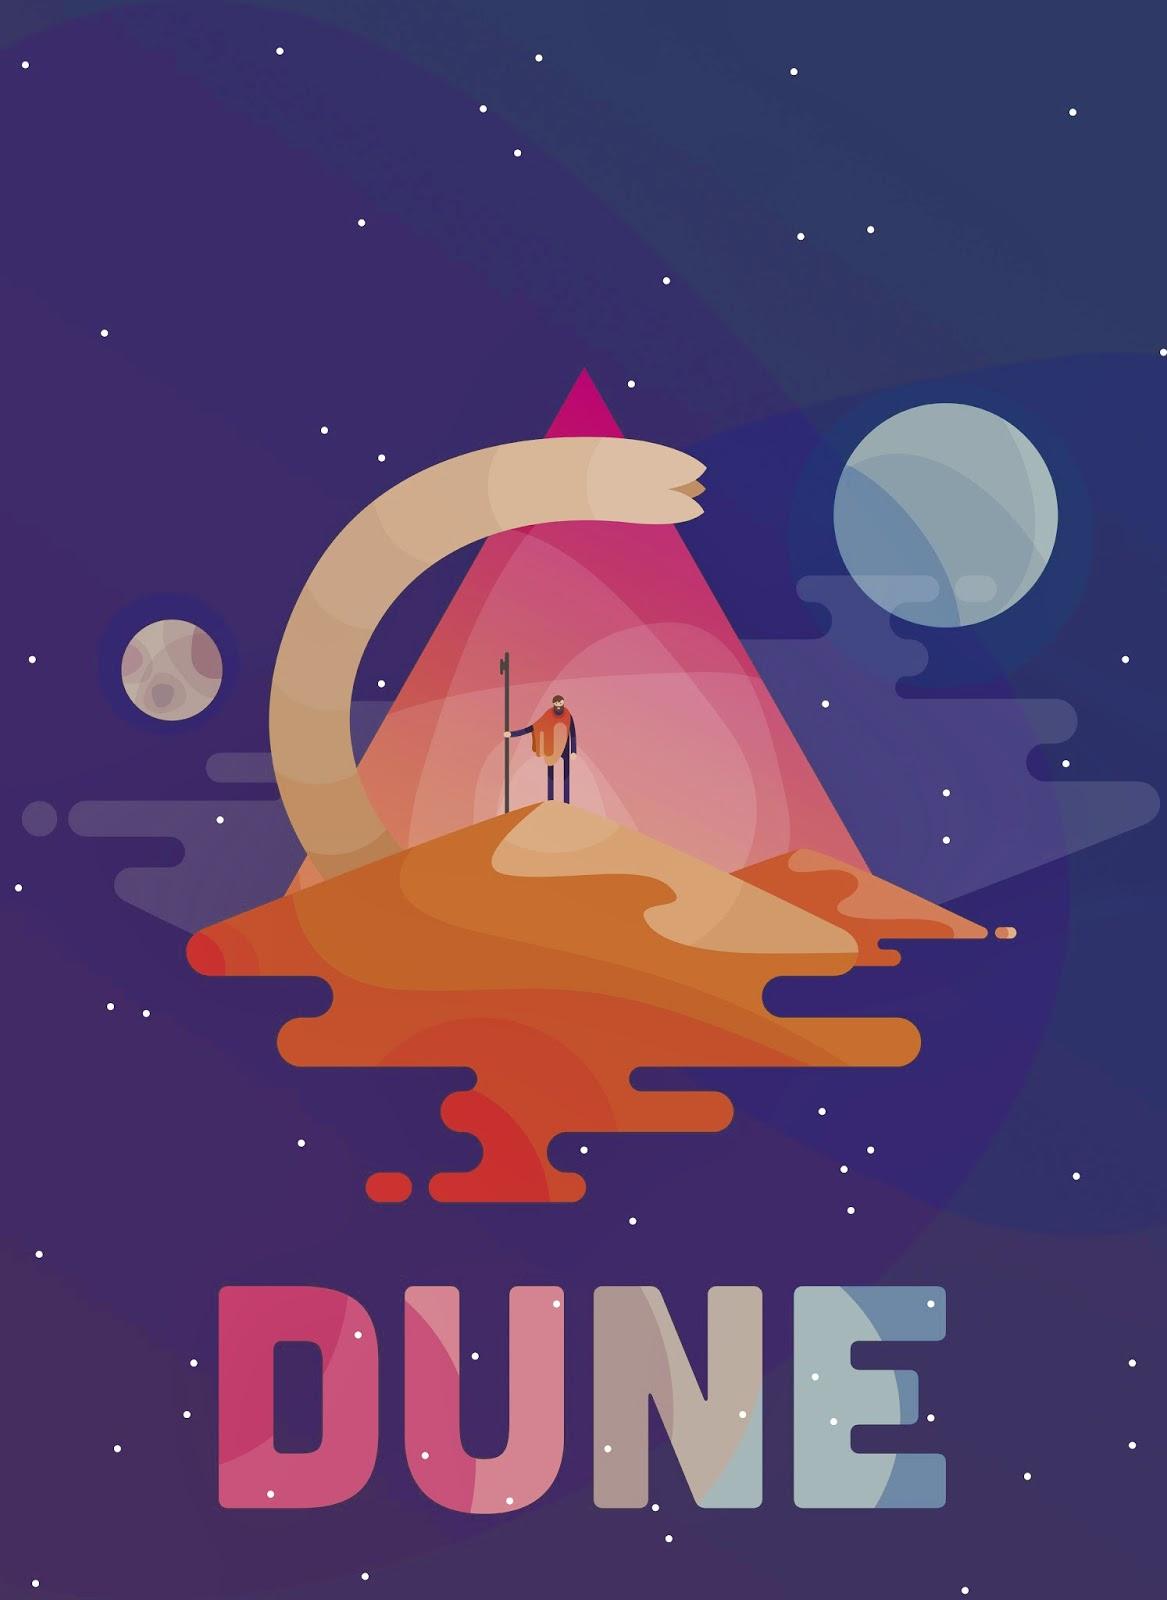 電影白話文: 影評【曠世奇片之死 Jodorowsky's Dune】- 好想要那本超厚寶典啊!